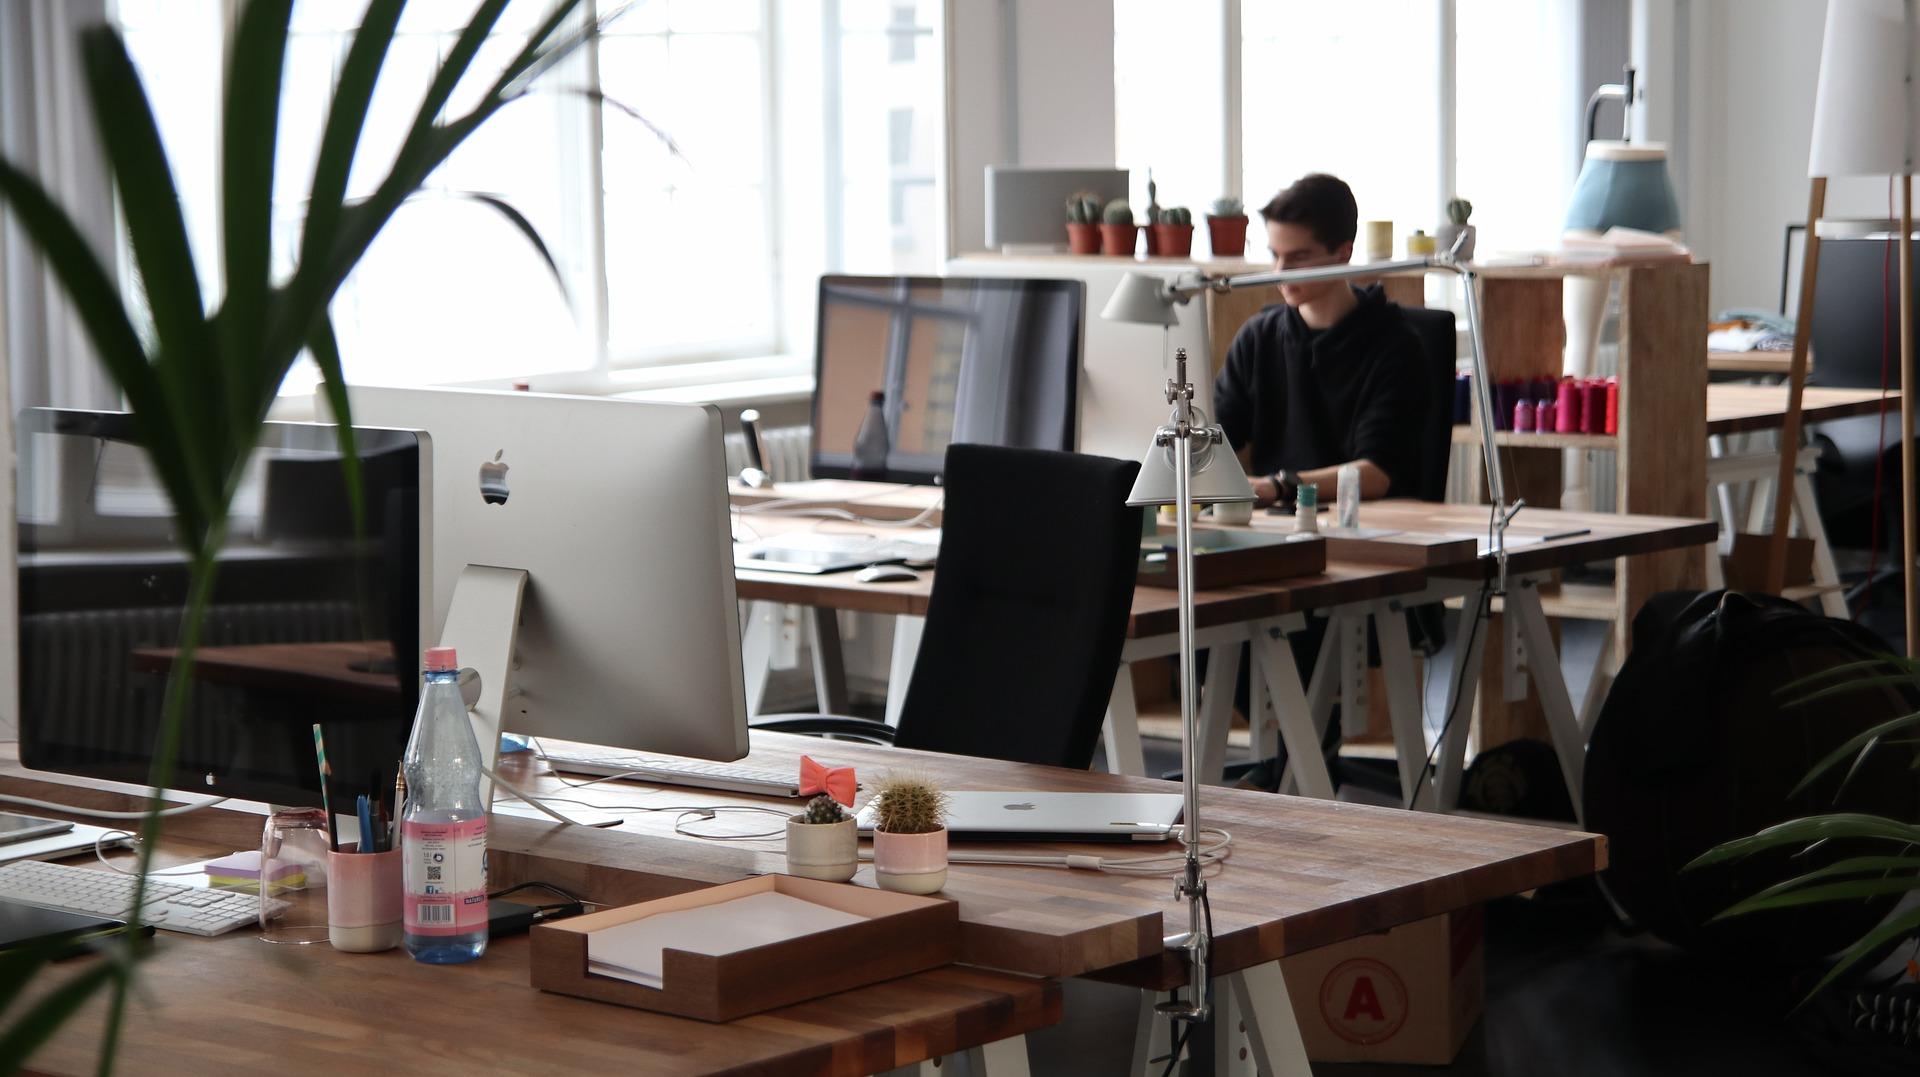 Arbetsplats i öppet kontorslandskap inför företagsflytt